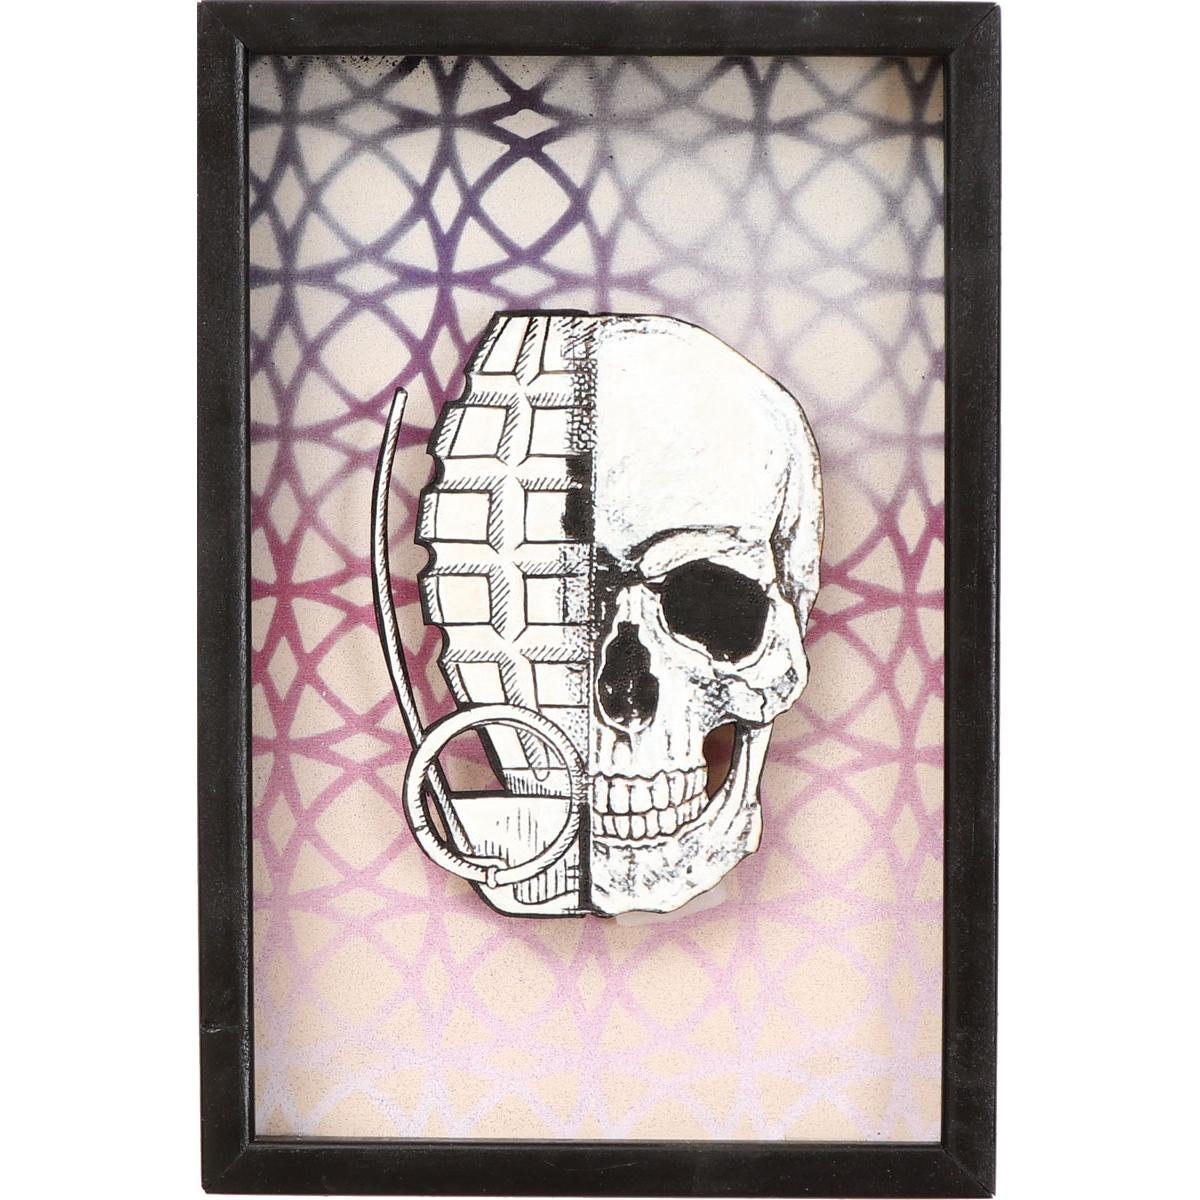 He Skull (Circle Edition) von xxxhibition